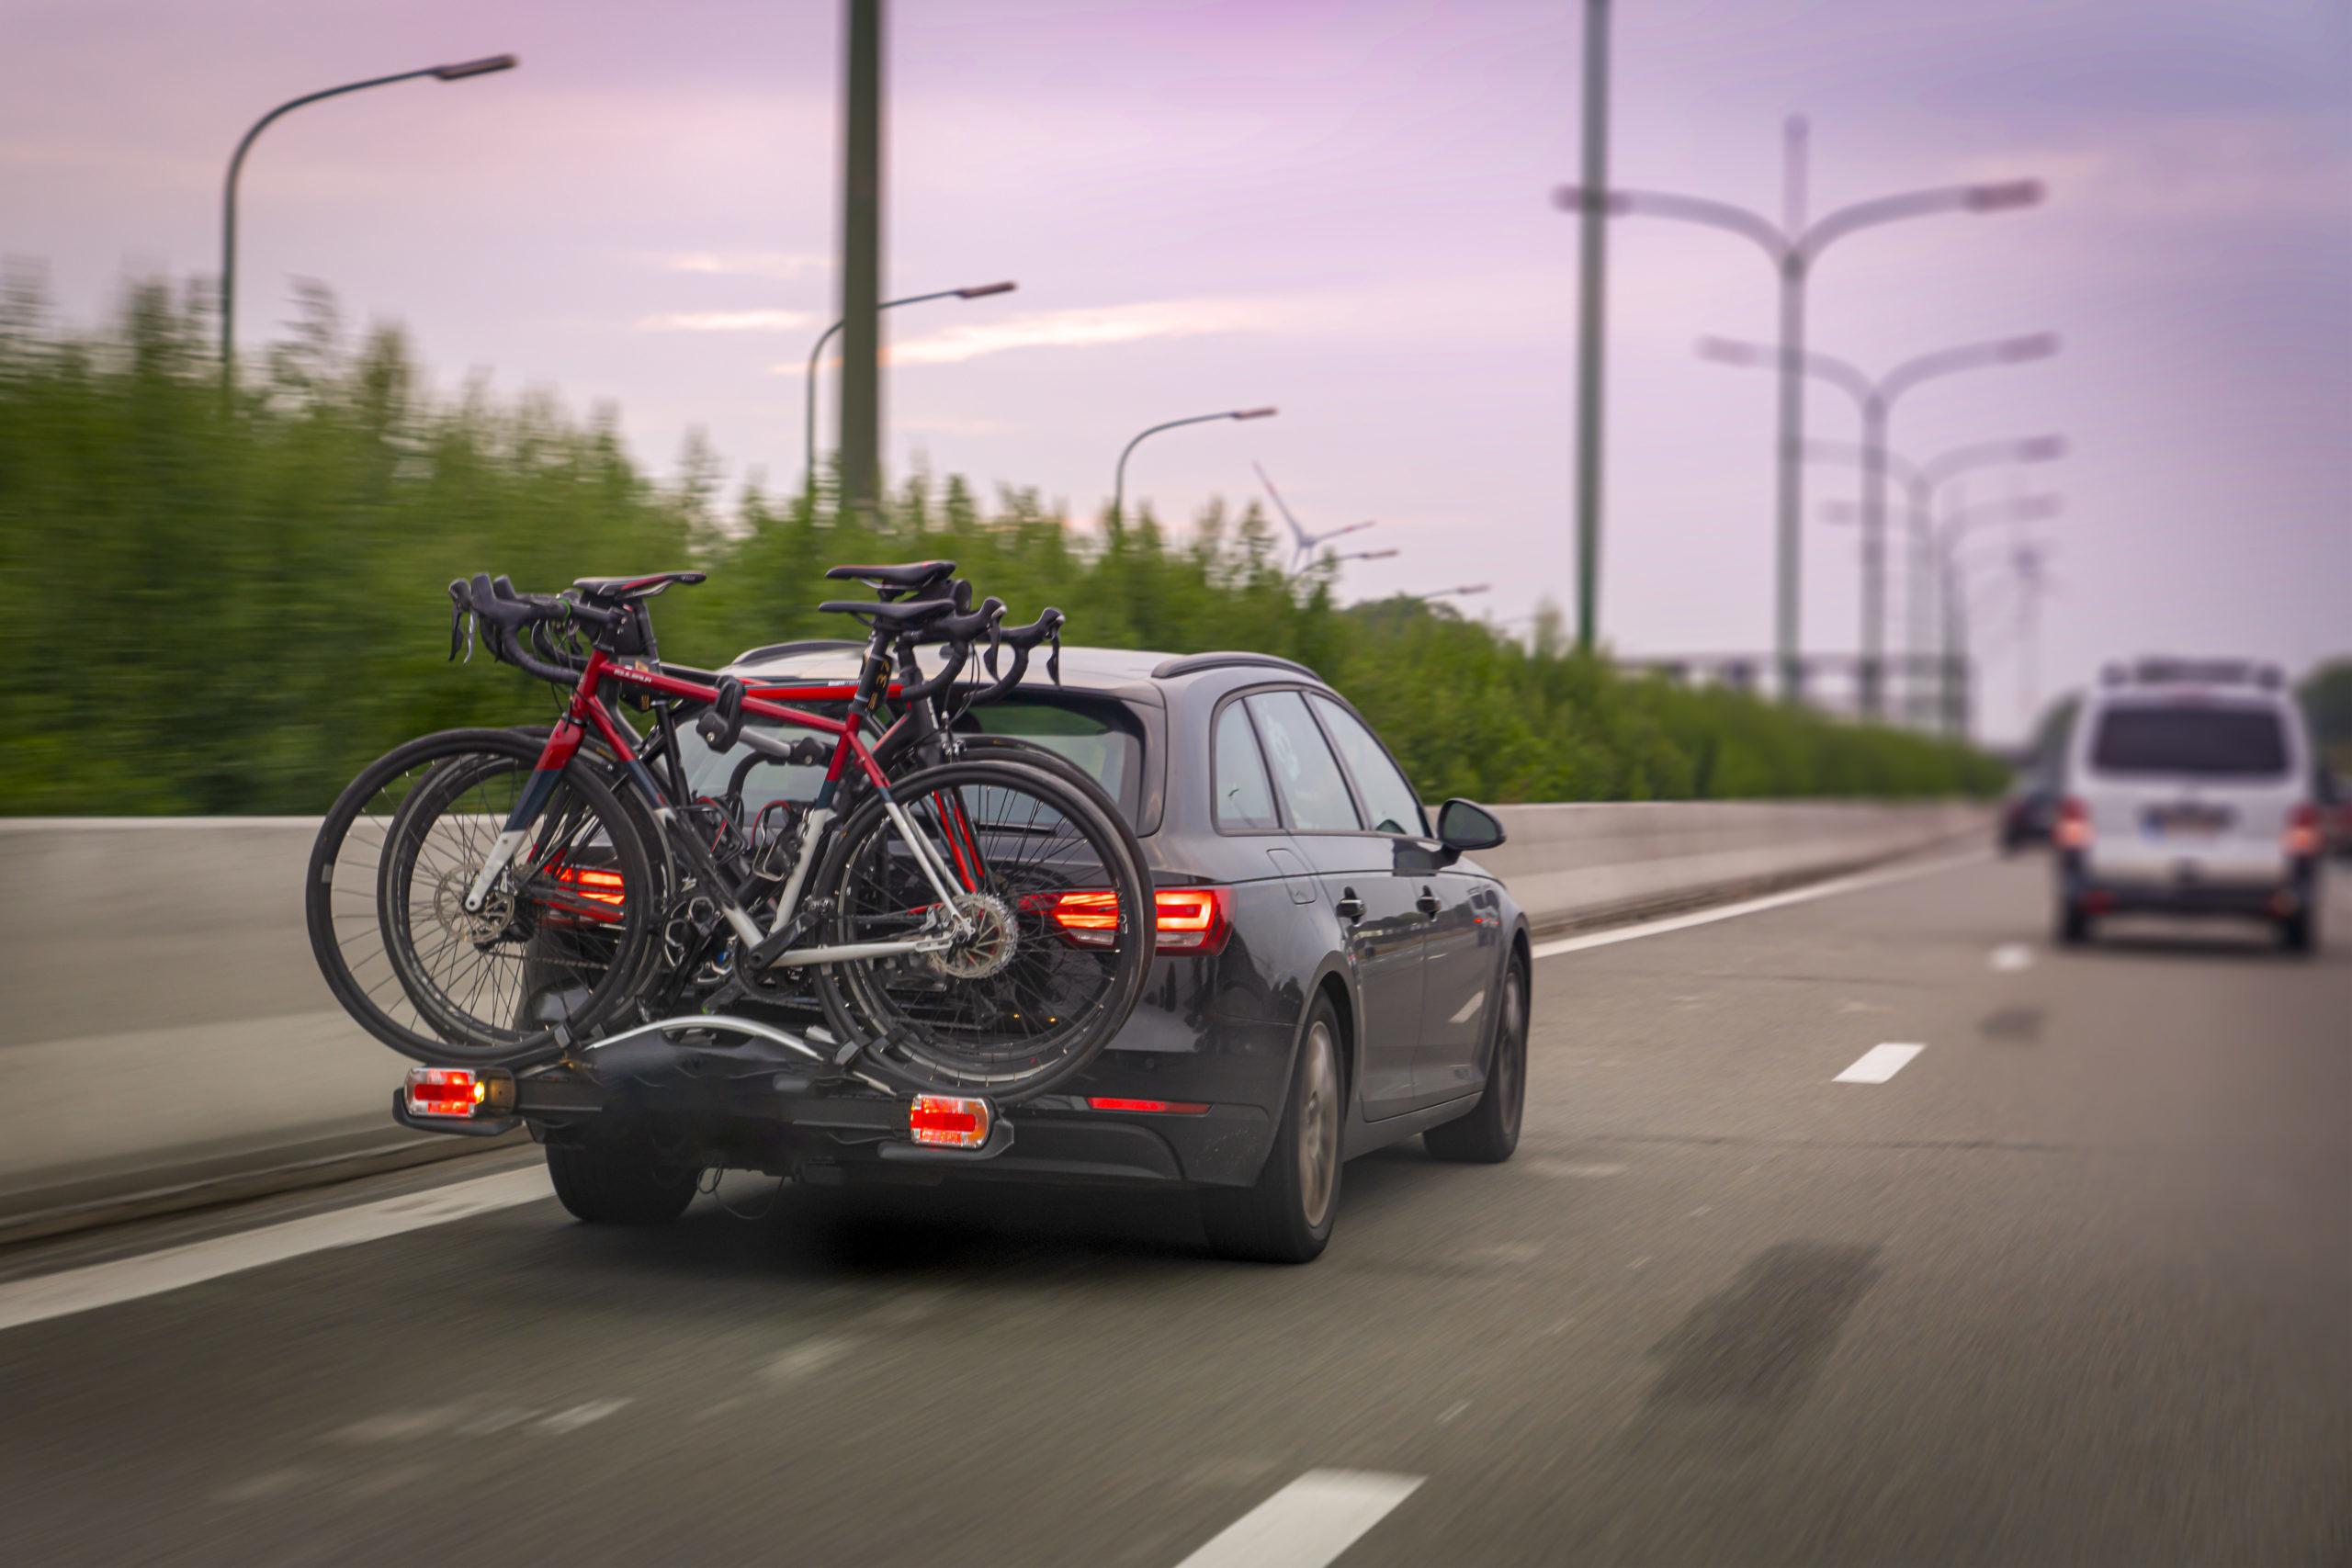 Bagażnik rowerowy na hak to komfortowe rozwiązanie dla każdego miłośnika dwóch kółek